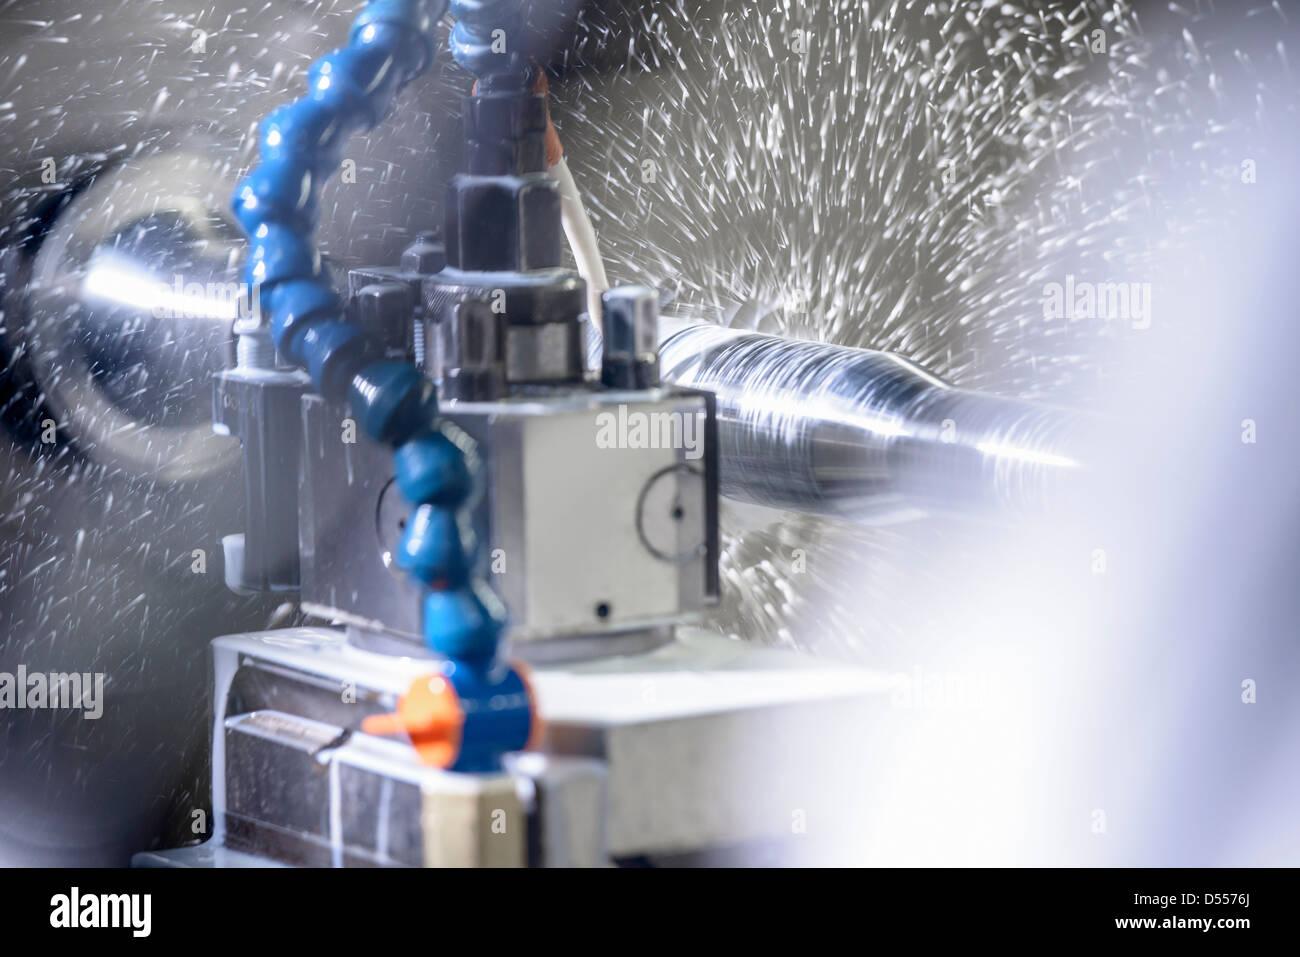 Pulvérisation d'eau sur des machines en usine Photo Stock